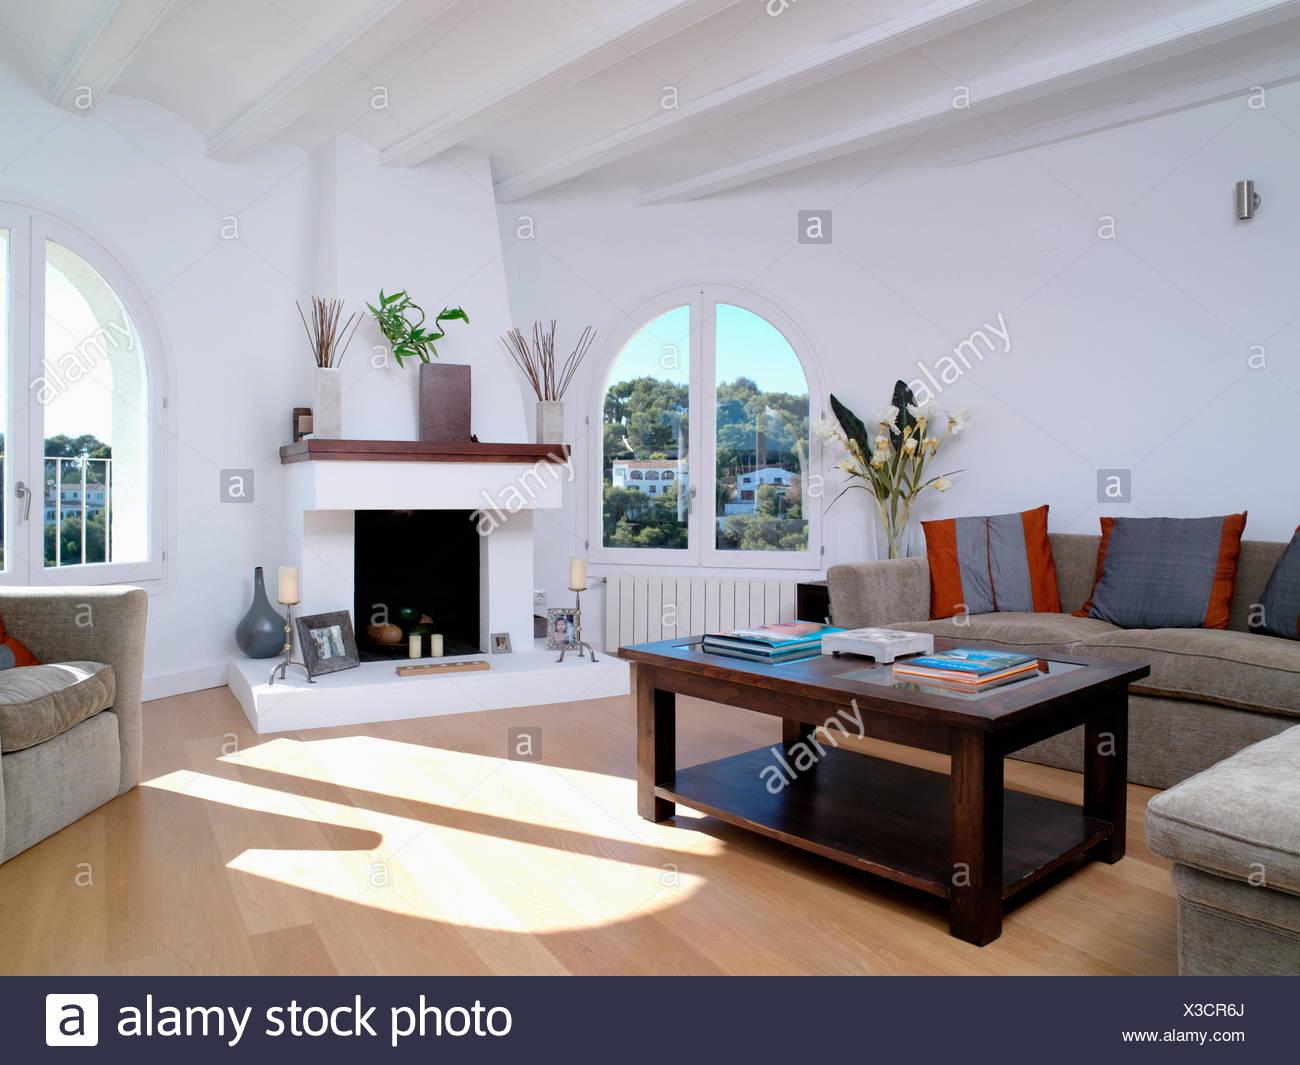 Entre Cheminée Moderne Dans Des Fenêtres En Arche Côtière Blanc Salon Avec  Table Basse En Bois Sombre Et De Parquet En Bois Clair.